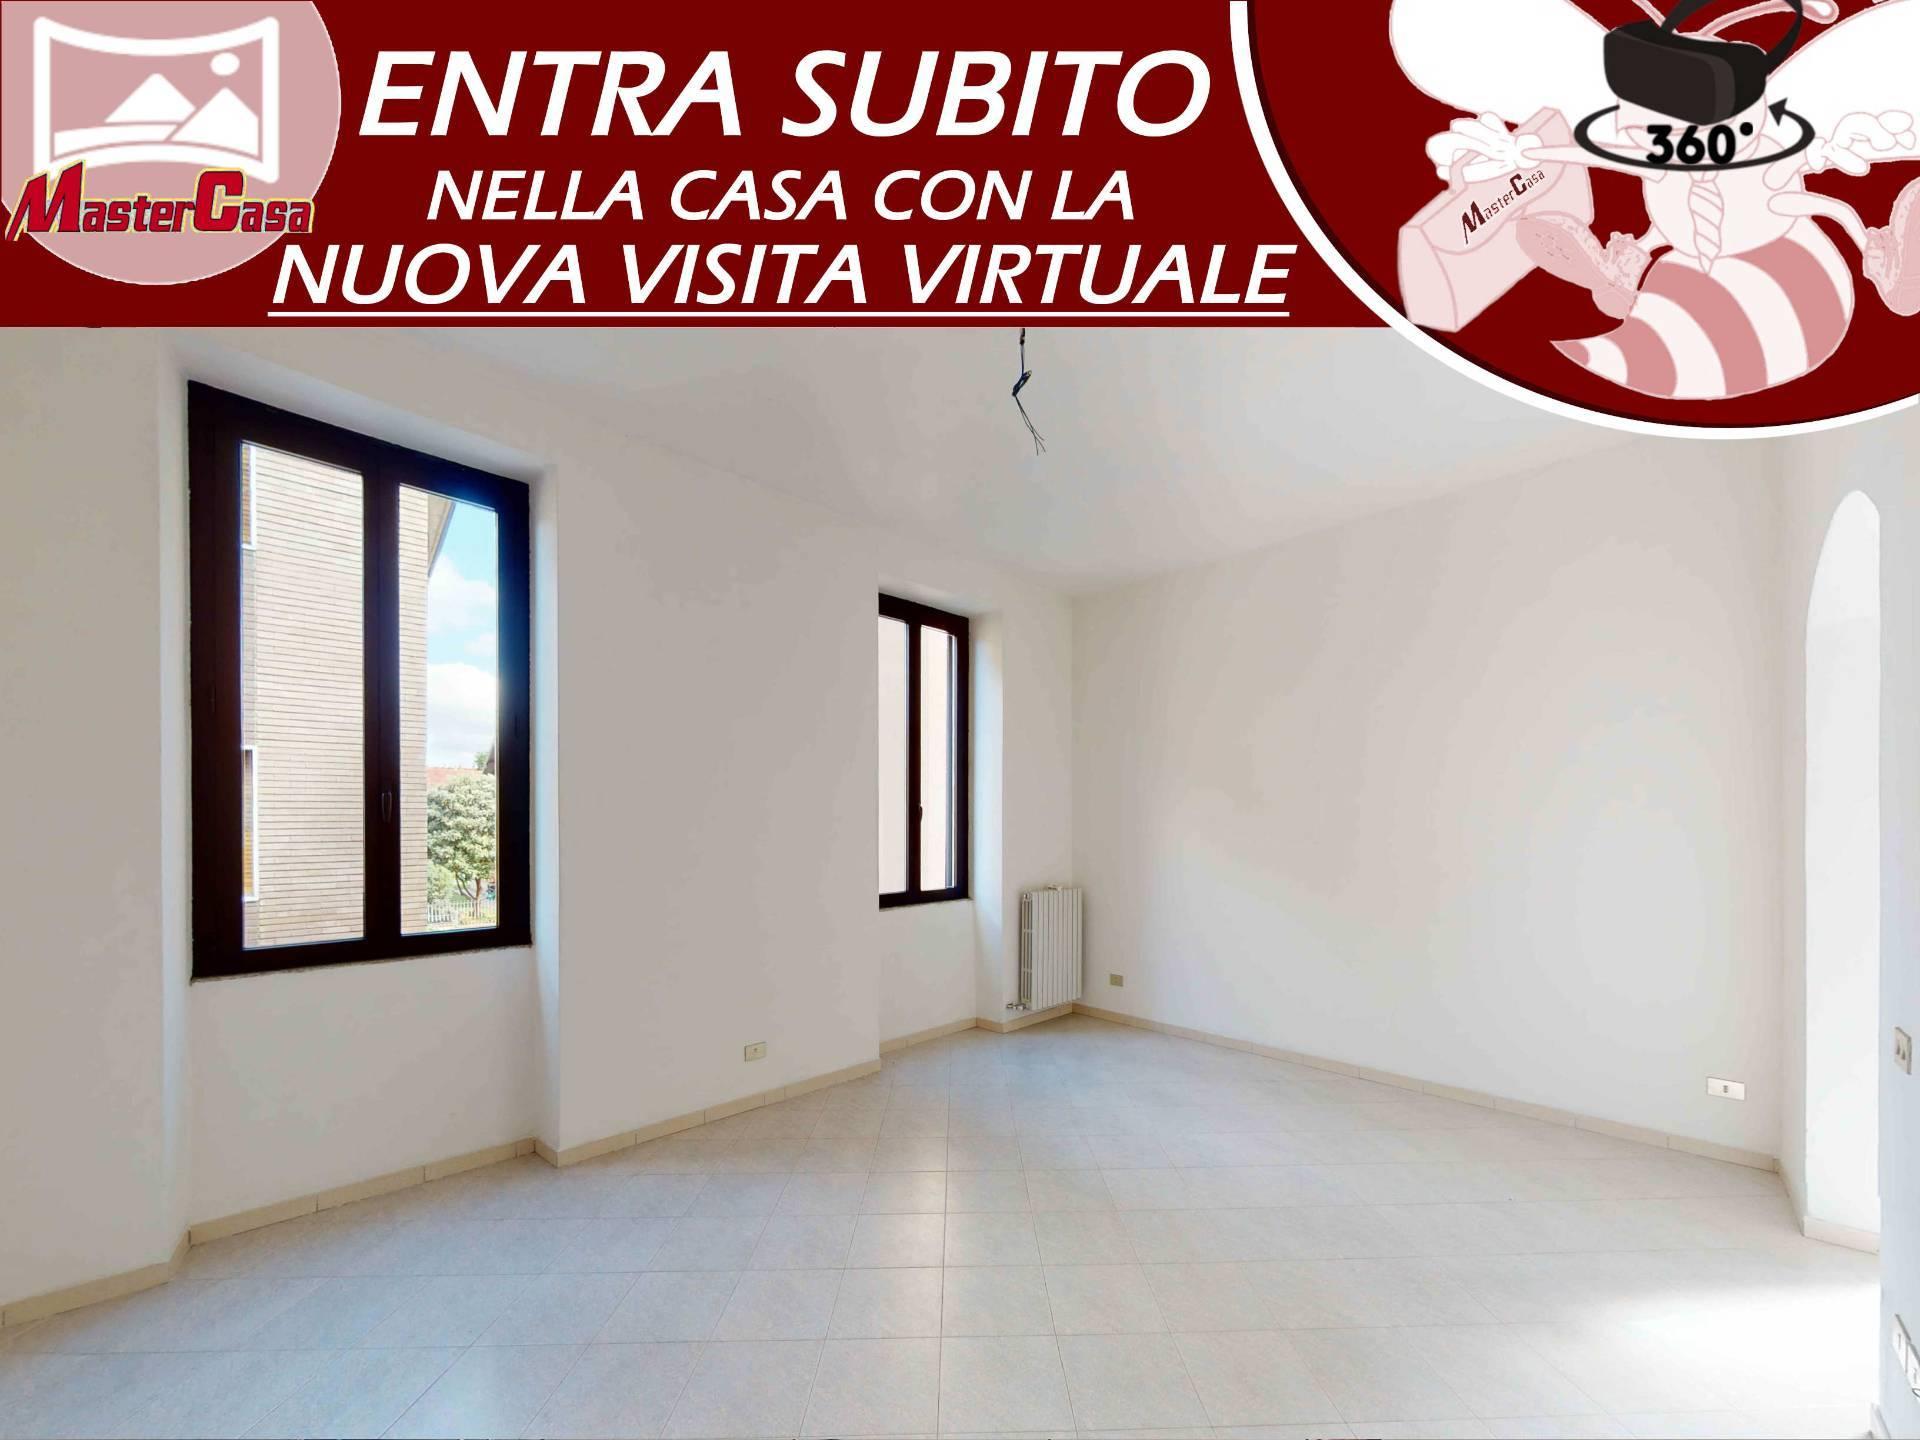 Appartamento in vendita a Lonate Ceppino, 3 locali, prezzo € 98.000 | PortaleAgenzieImmobiliari.it